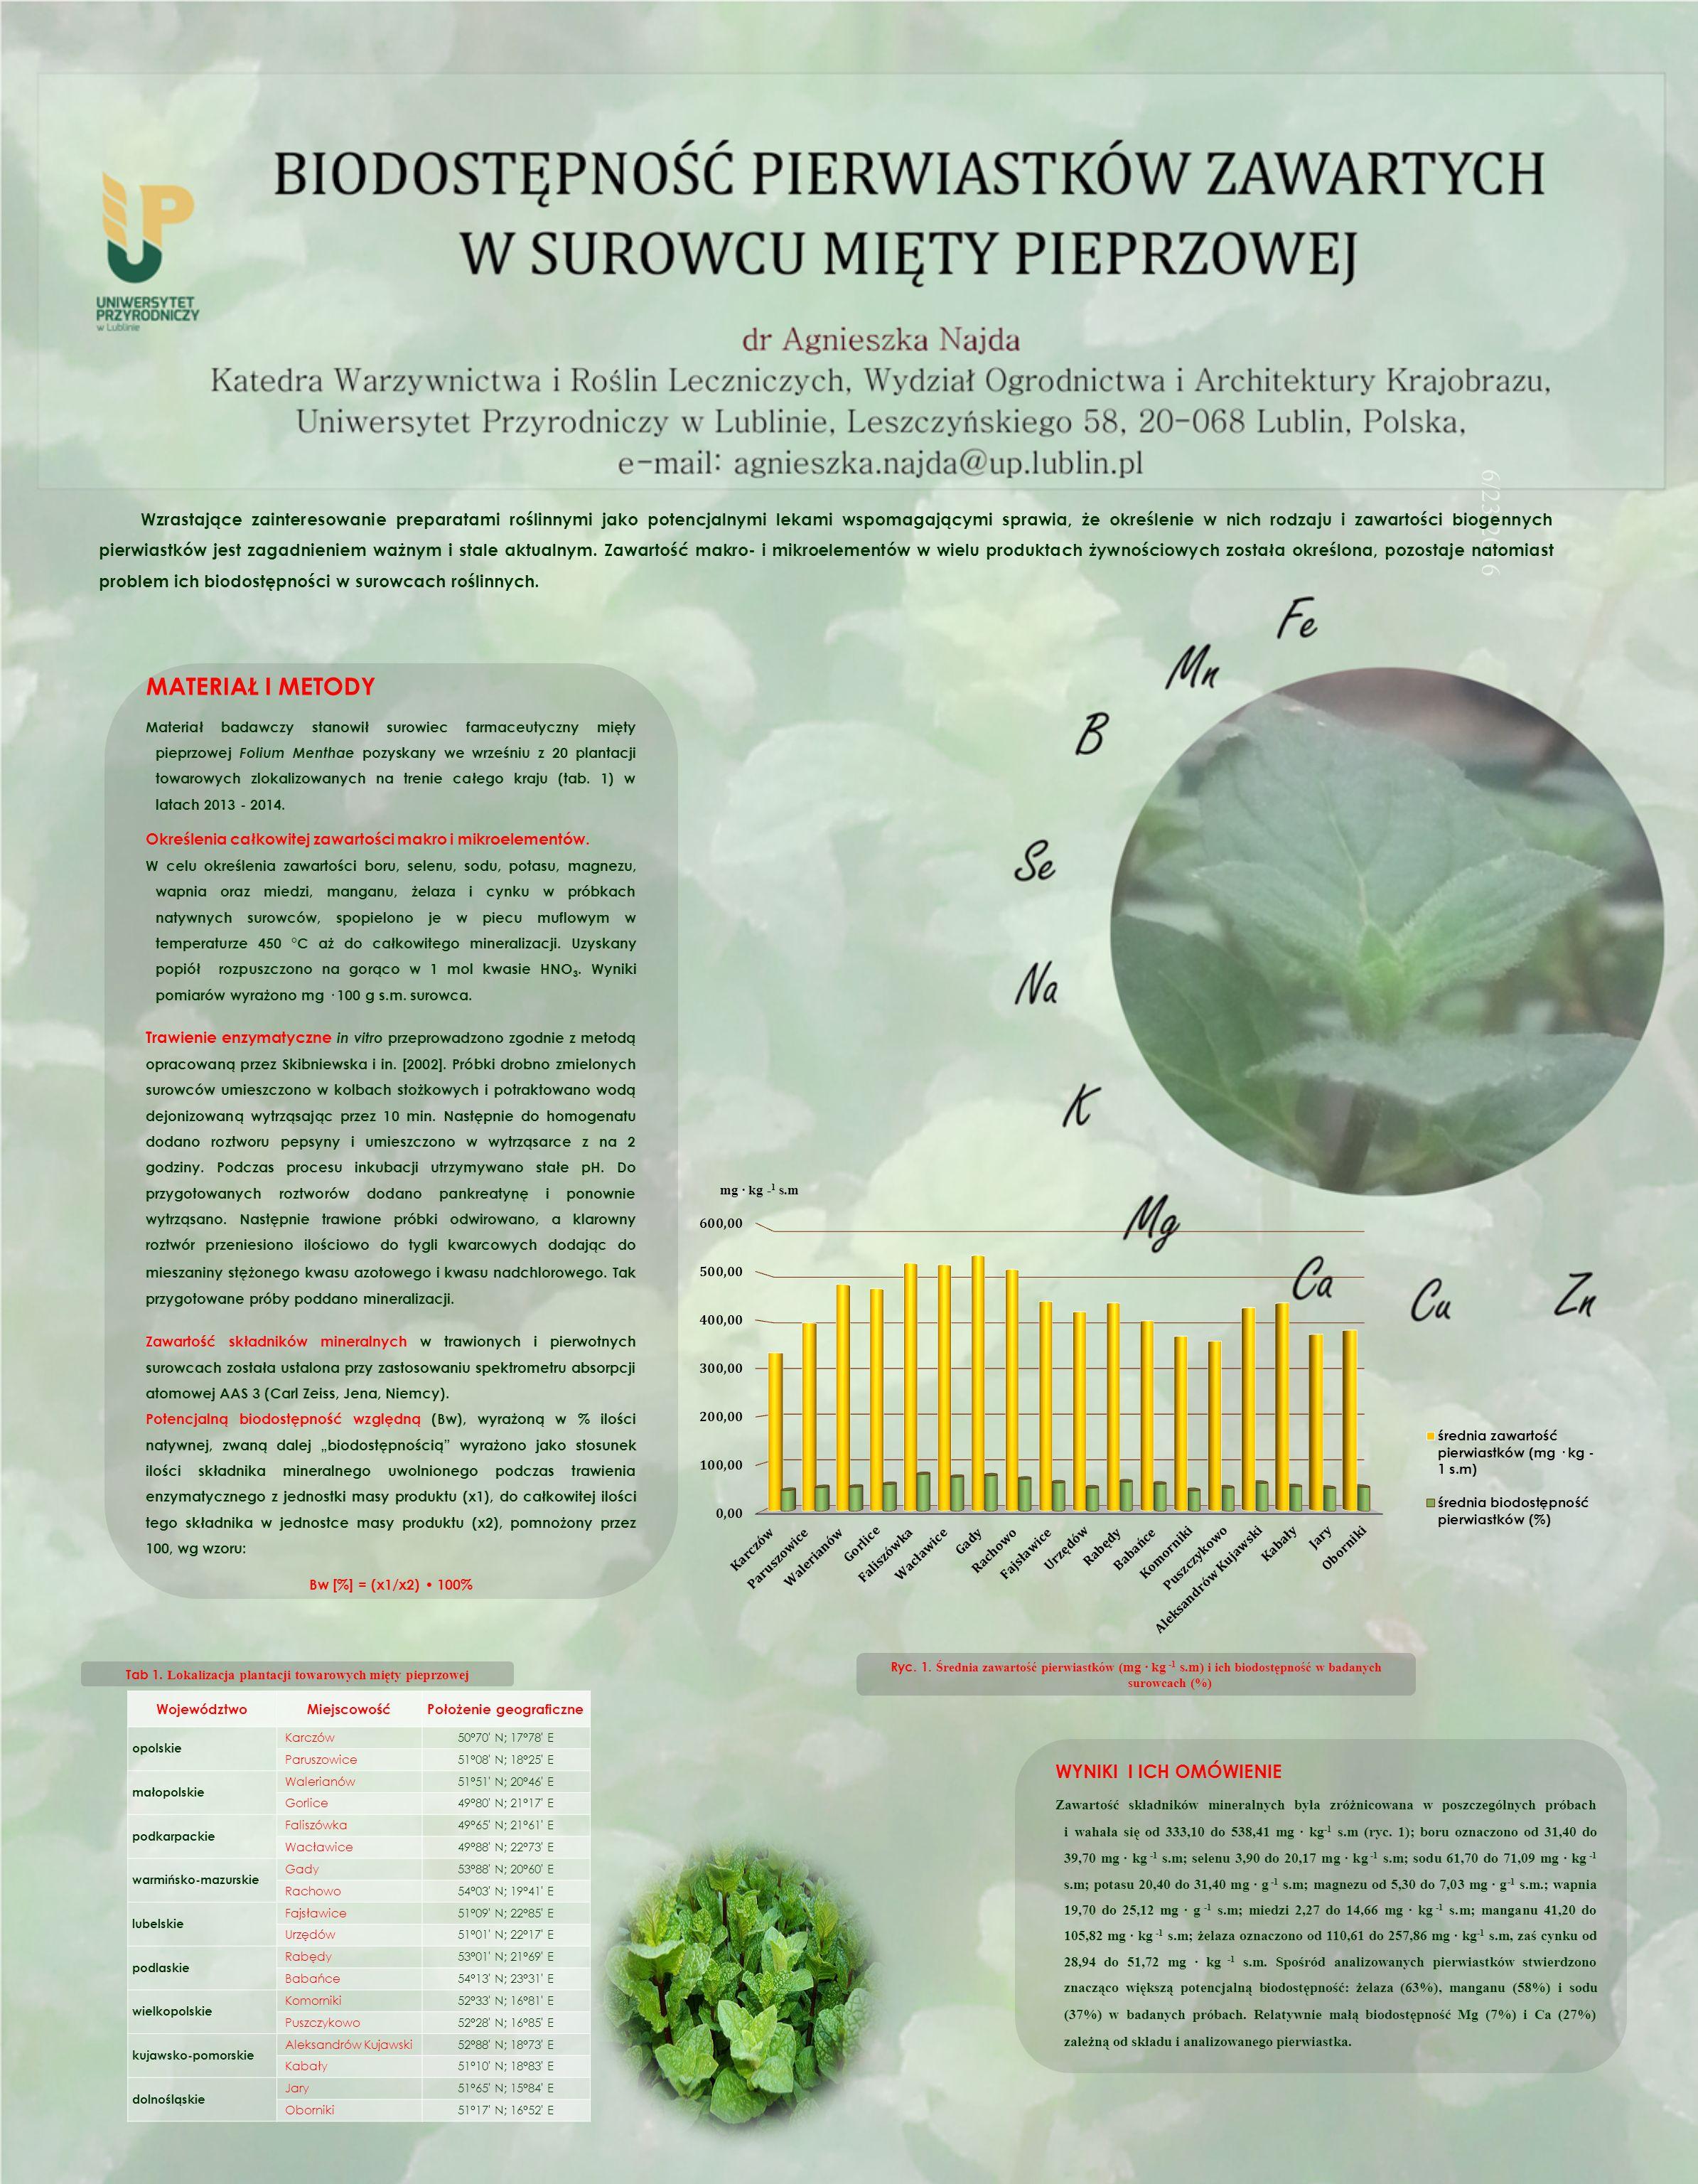 6/23/2016 Wzrastające zainteresowanie preparatami roślinnymi jako potencjalnymi lekami wspomagającymi sprawia, że określenie w nich rodzaju i zawartości biogennych pierwiastków jest zagadnieniem ważnym i stale aktualnym.